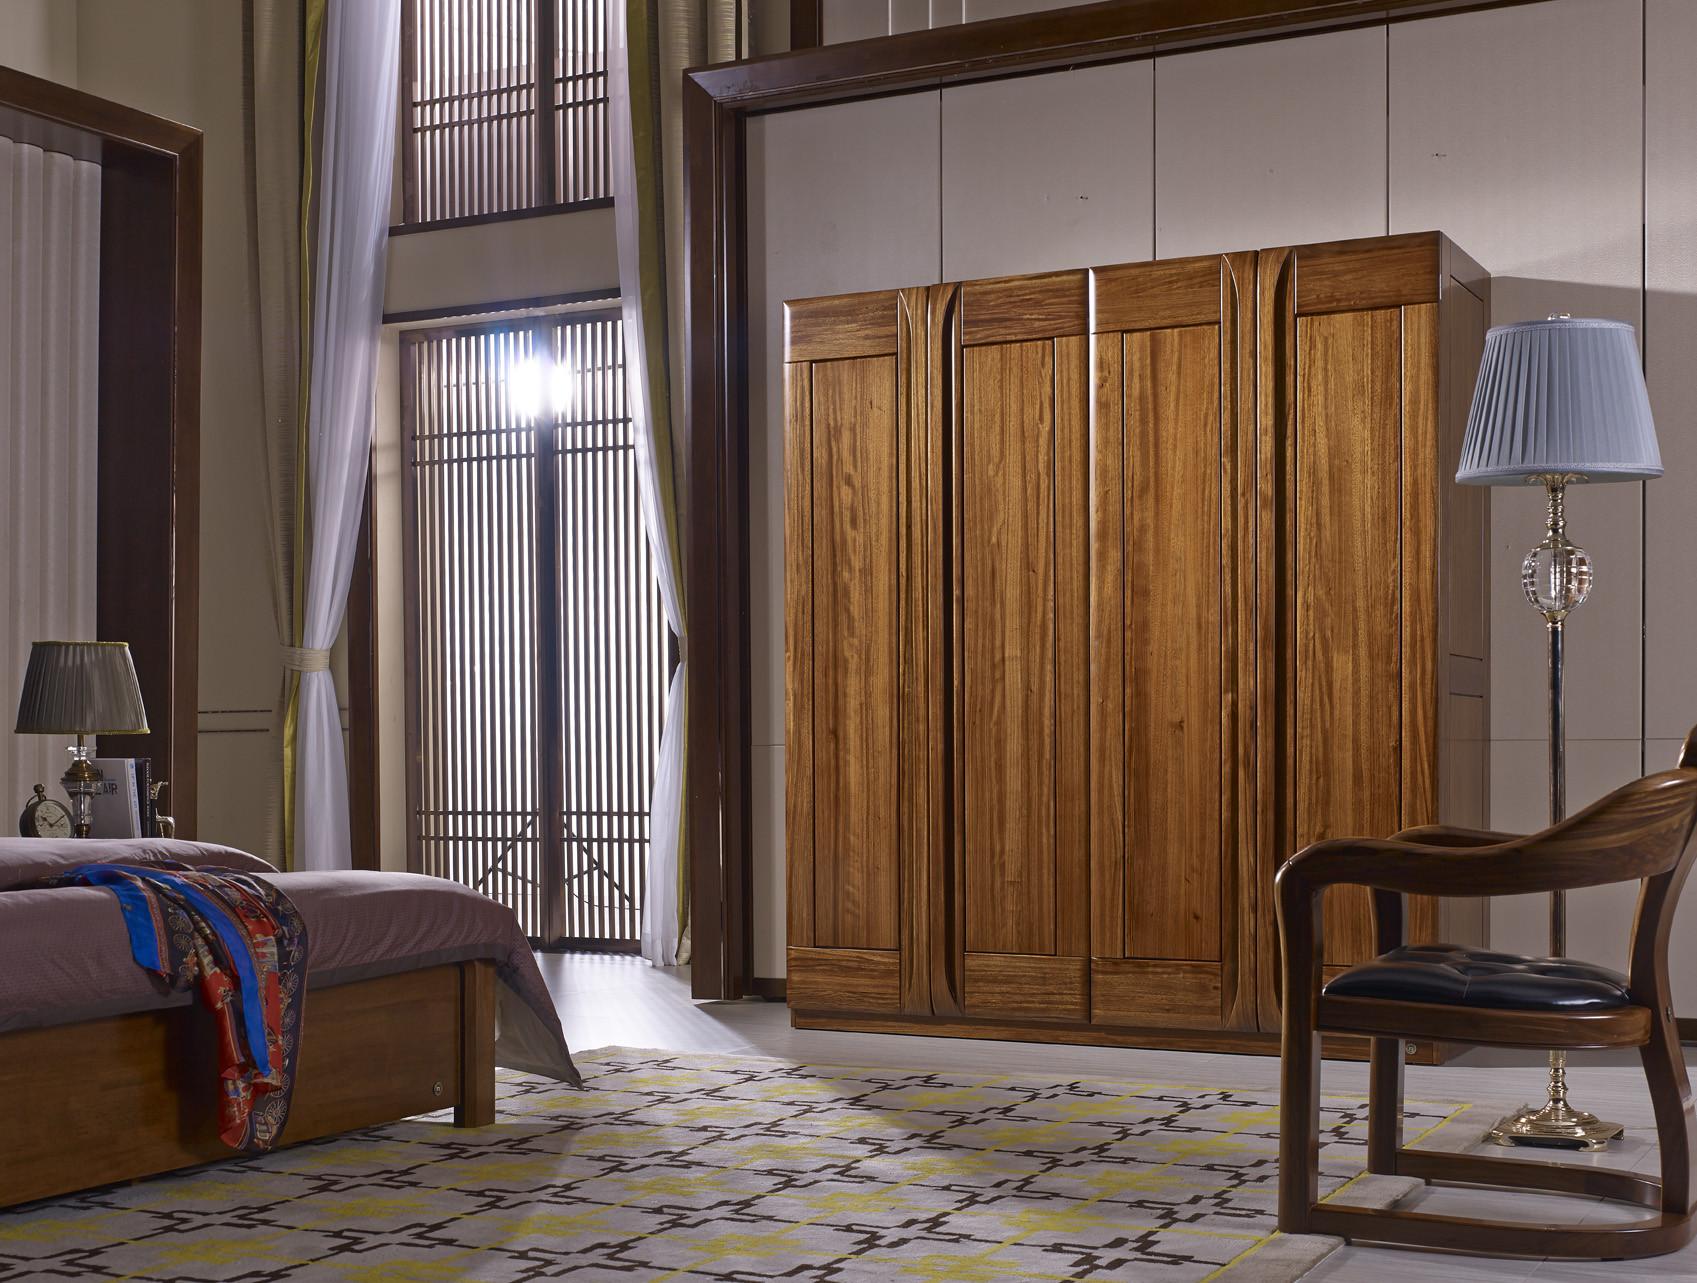 南洋迪克现代新派实木家具 乌金至品系列 四门衣柜1880*625*2100